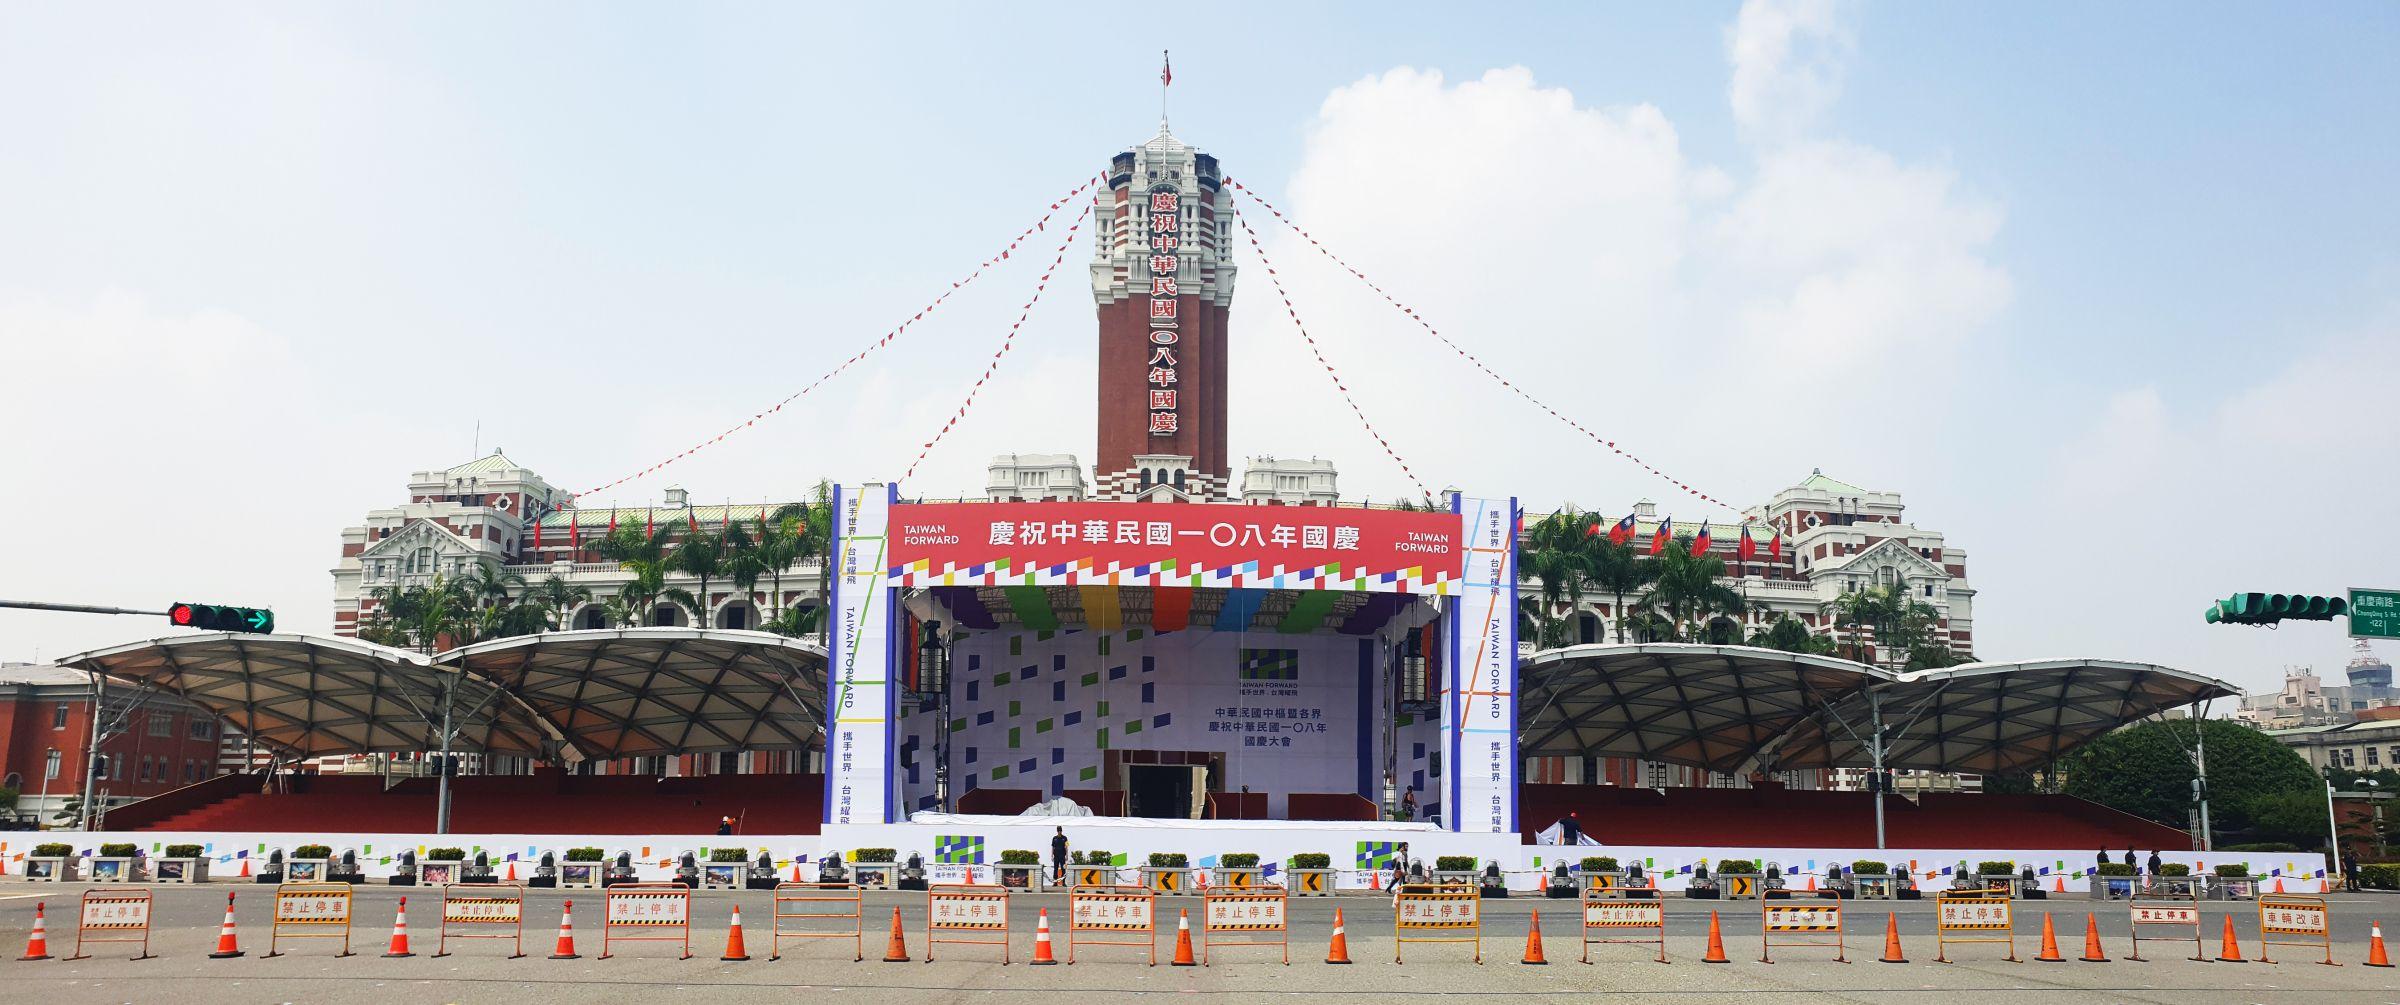 雙十國慶帳篷,造型兼具實用性!